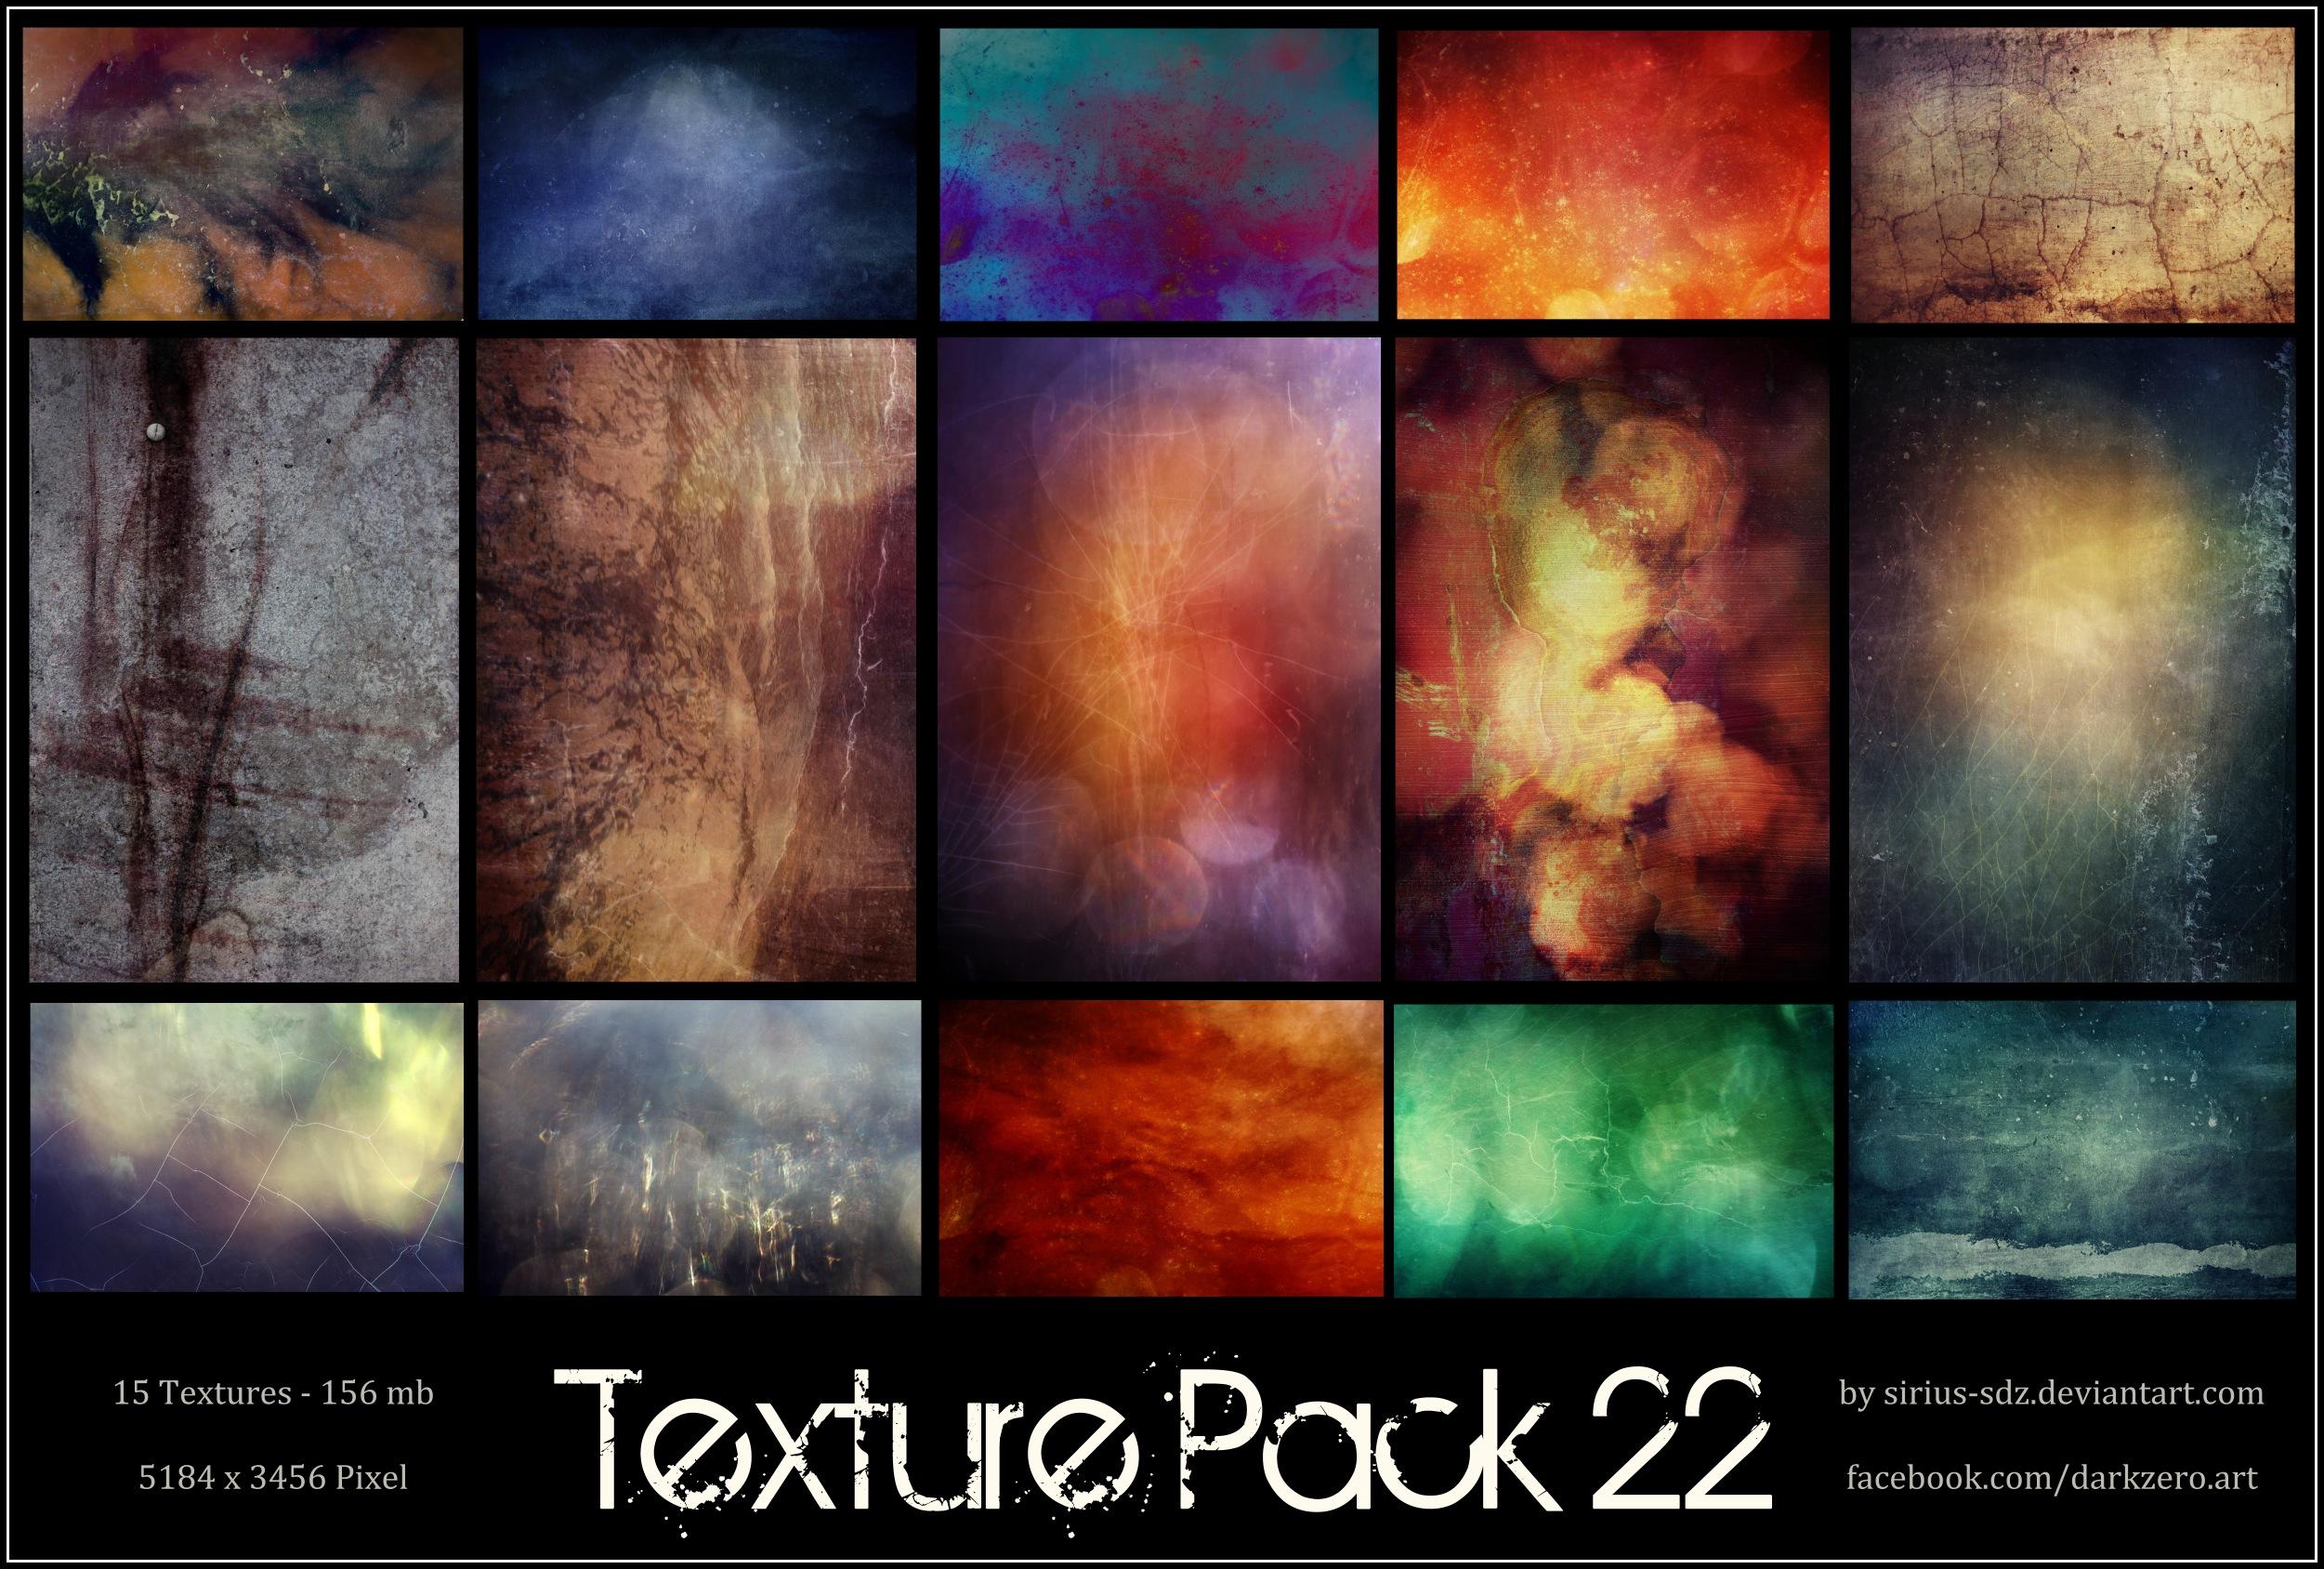 Texture Pack 22 by Sirius-sdz